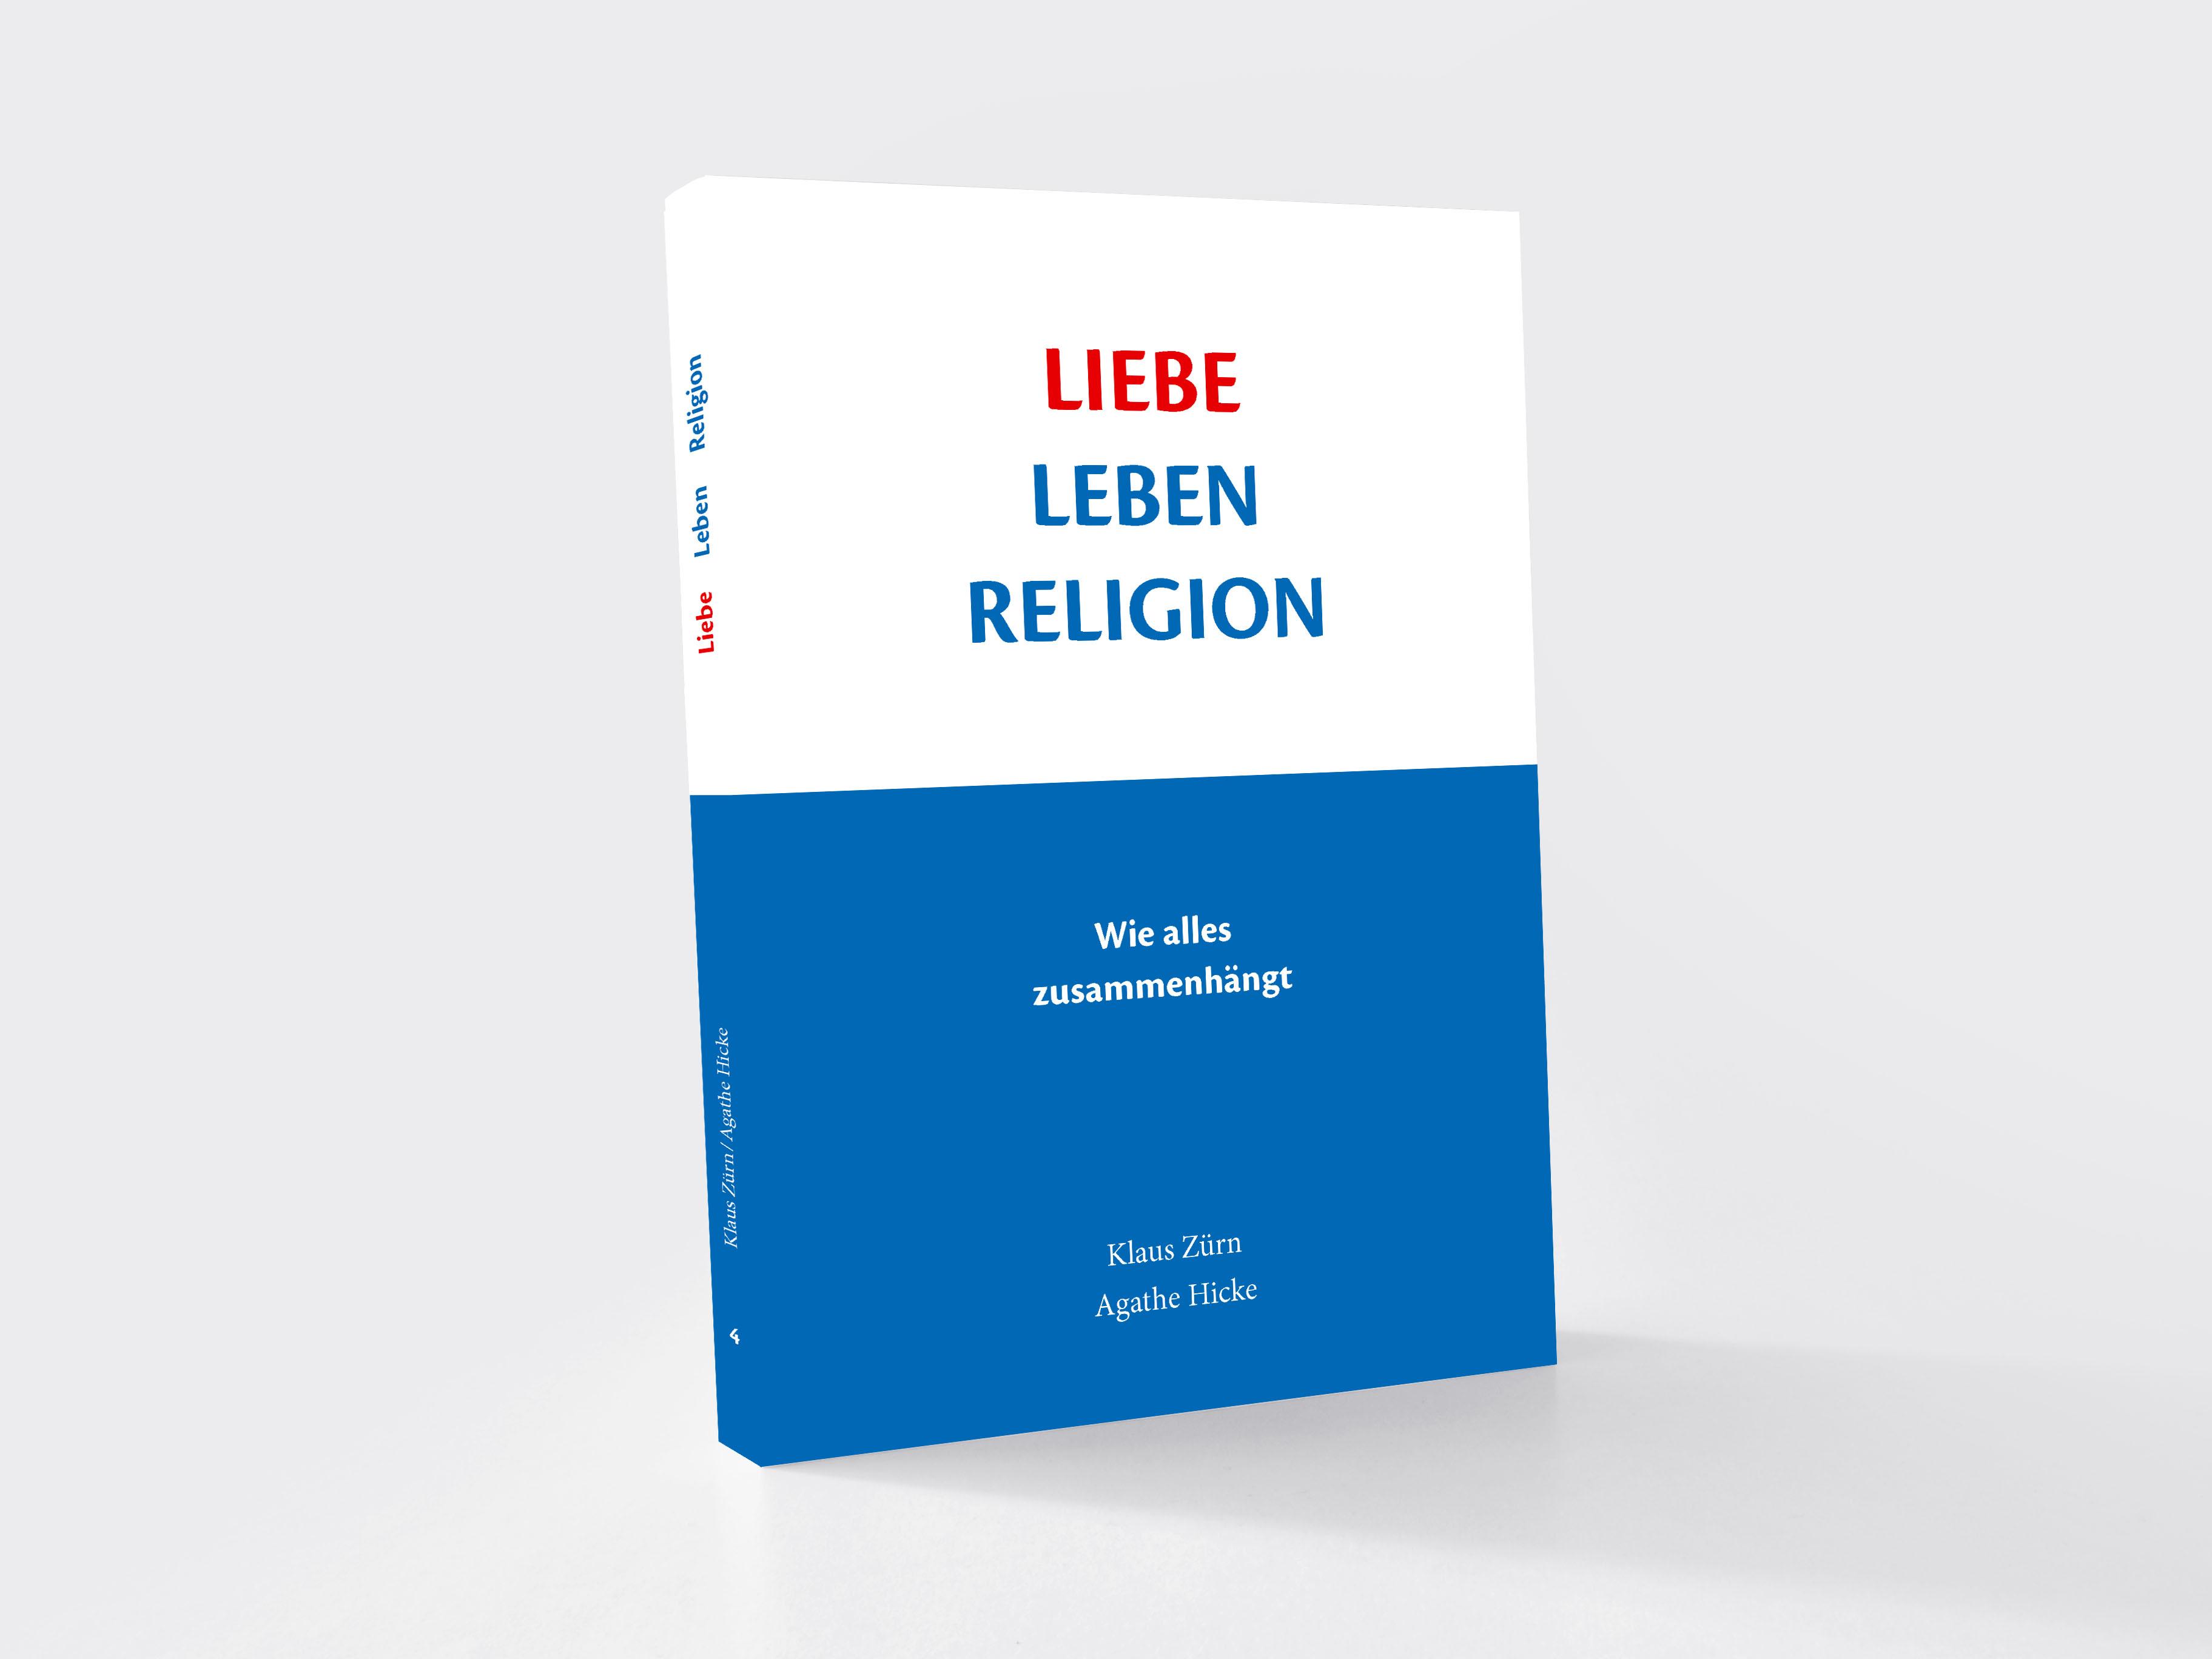 Liebe - Leben - Religion